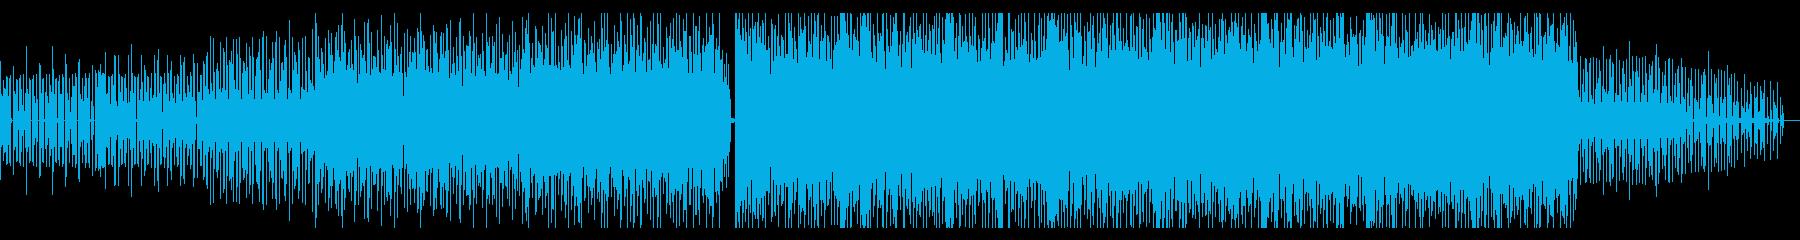 力強く熱いエレクトリックダンスビートの再生済みの波形